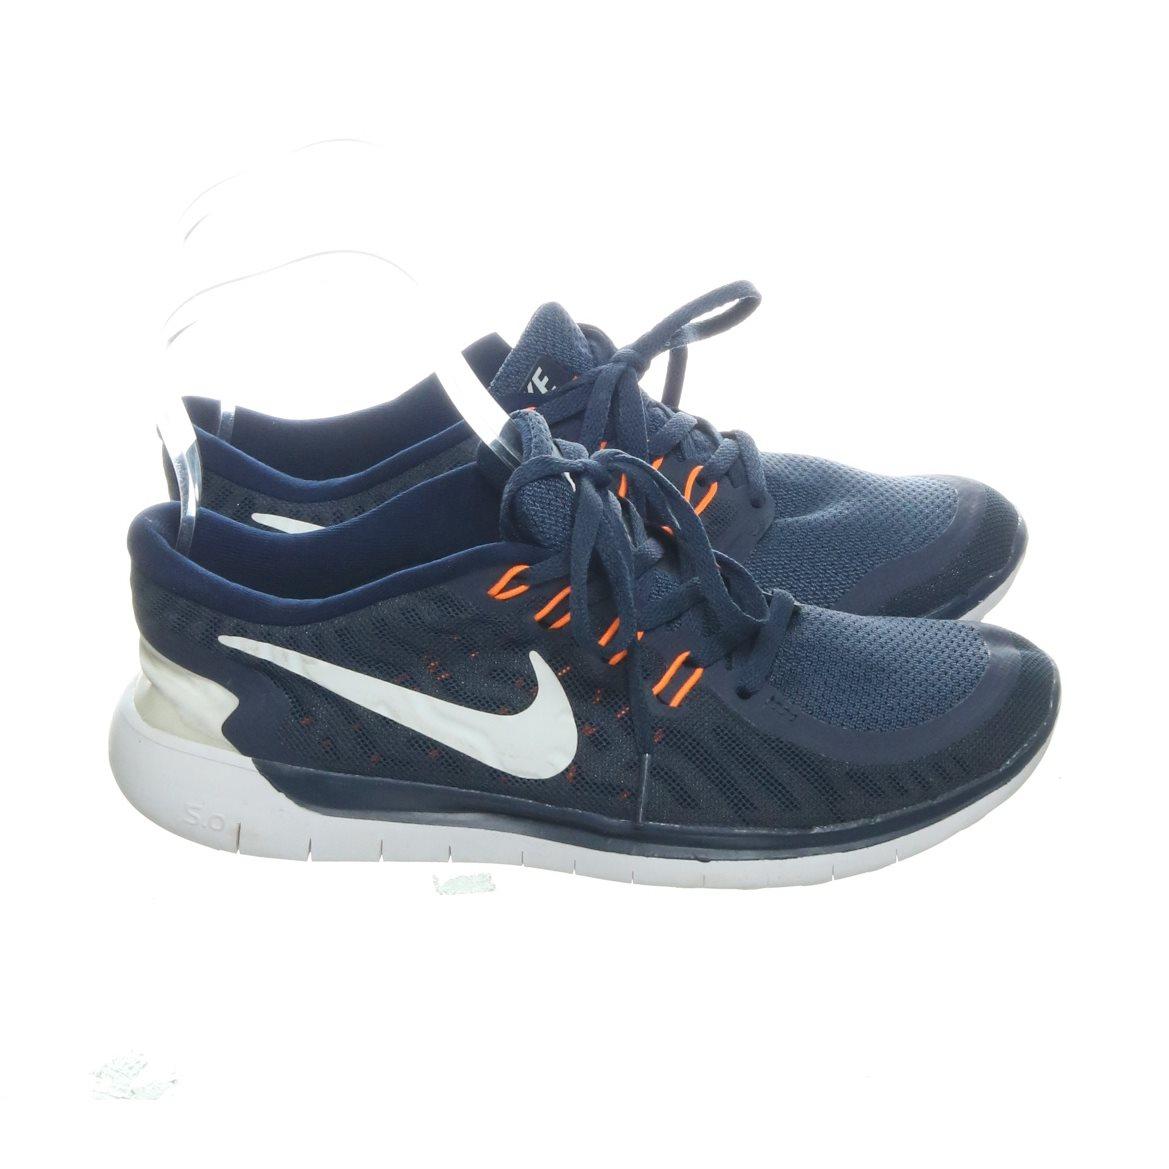 super popular 3854e bf8fd Nike, Träningsskor, Strl  41, Free 5.0, Mörkblå